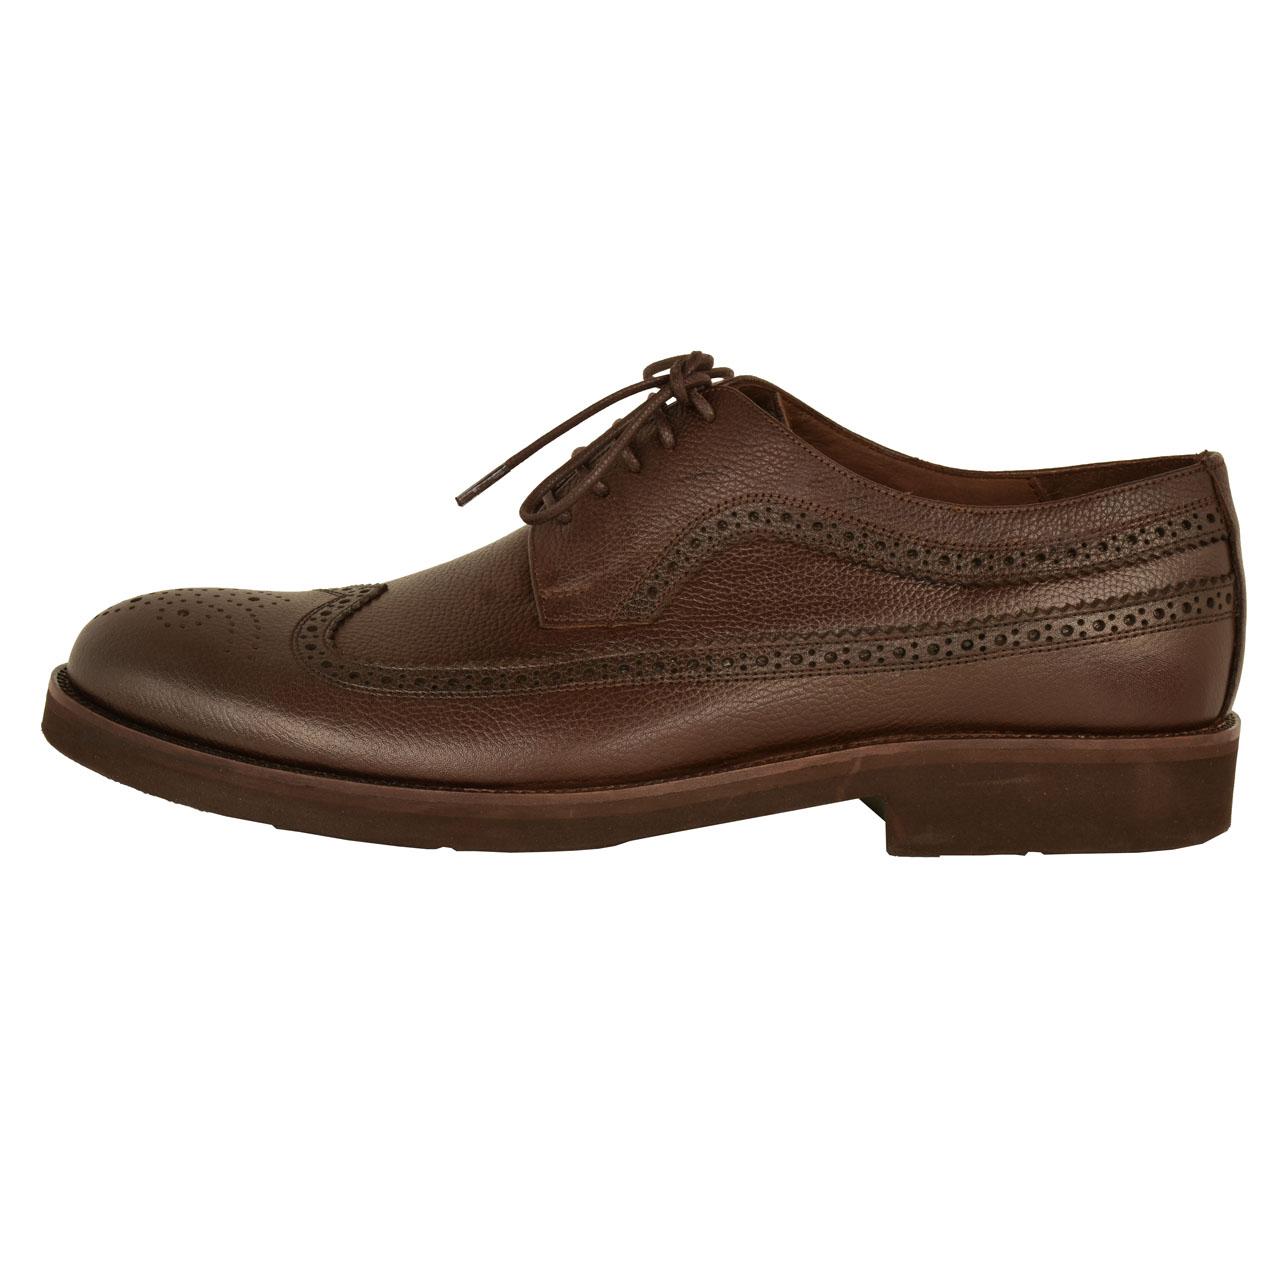 کفش مردانه کهن چرم مدل SHO110-7